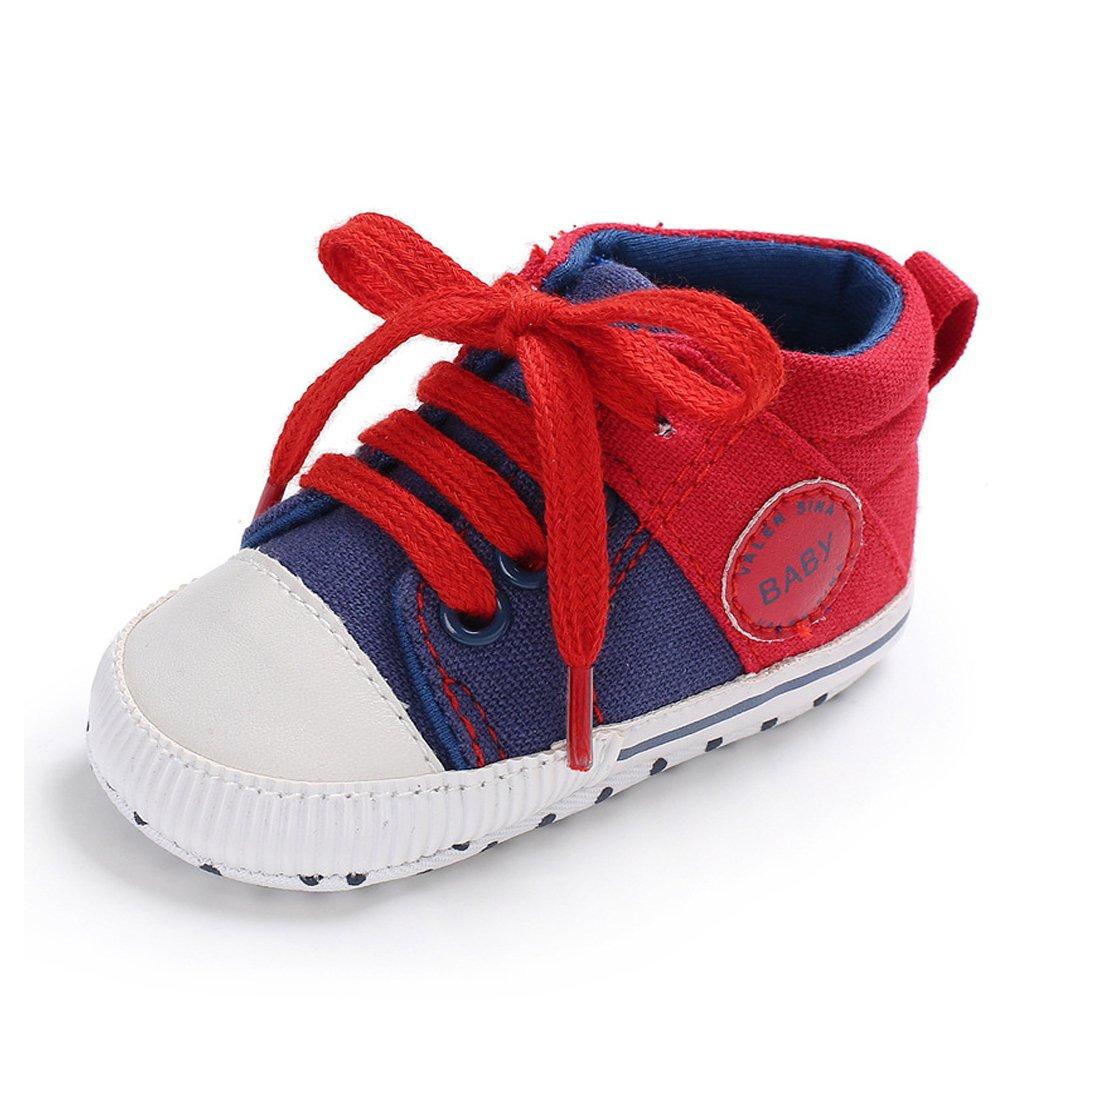 Babycute Kleinkind Schuhe Baby Junge M/ädchen Weiche Sohle Leinwand Sneaker